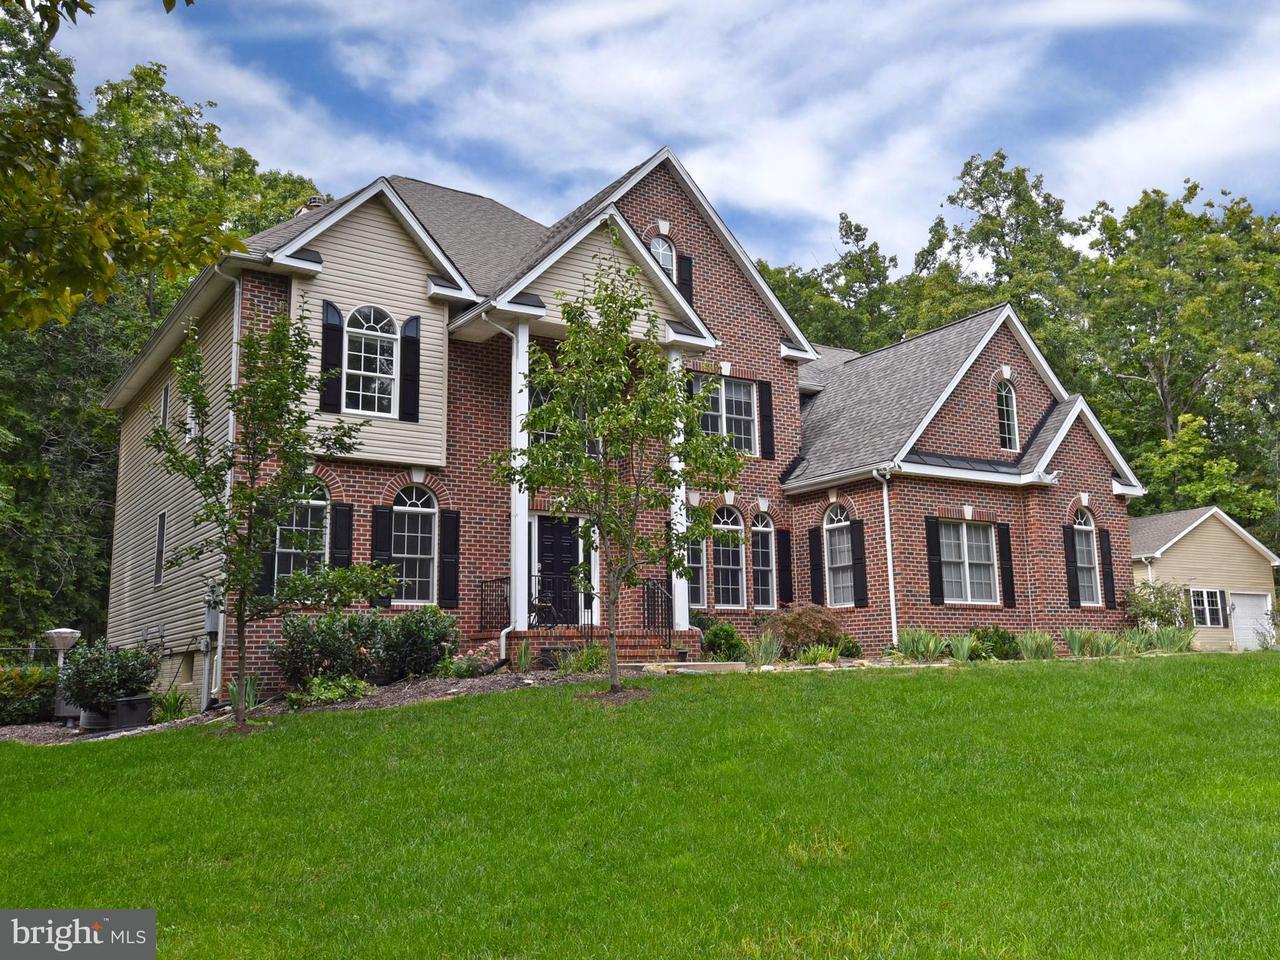 一戸建て のために 売買 アット 13012 THORNTON Drive 13012 THORNTON Drive Catharpin, バージニア 20143 アメリカ合衆国